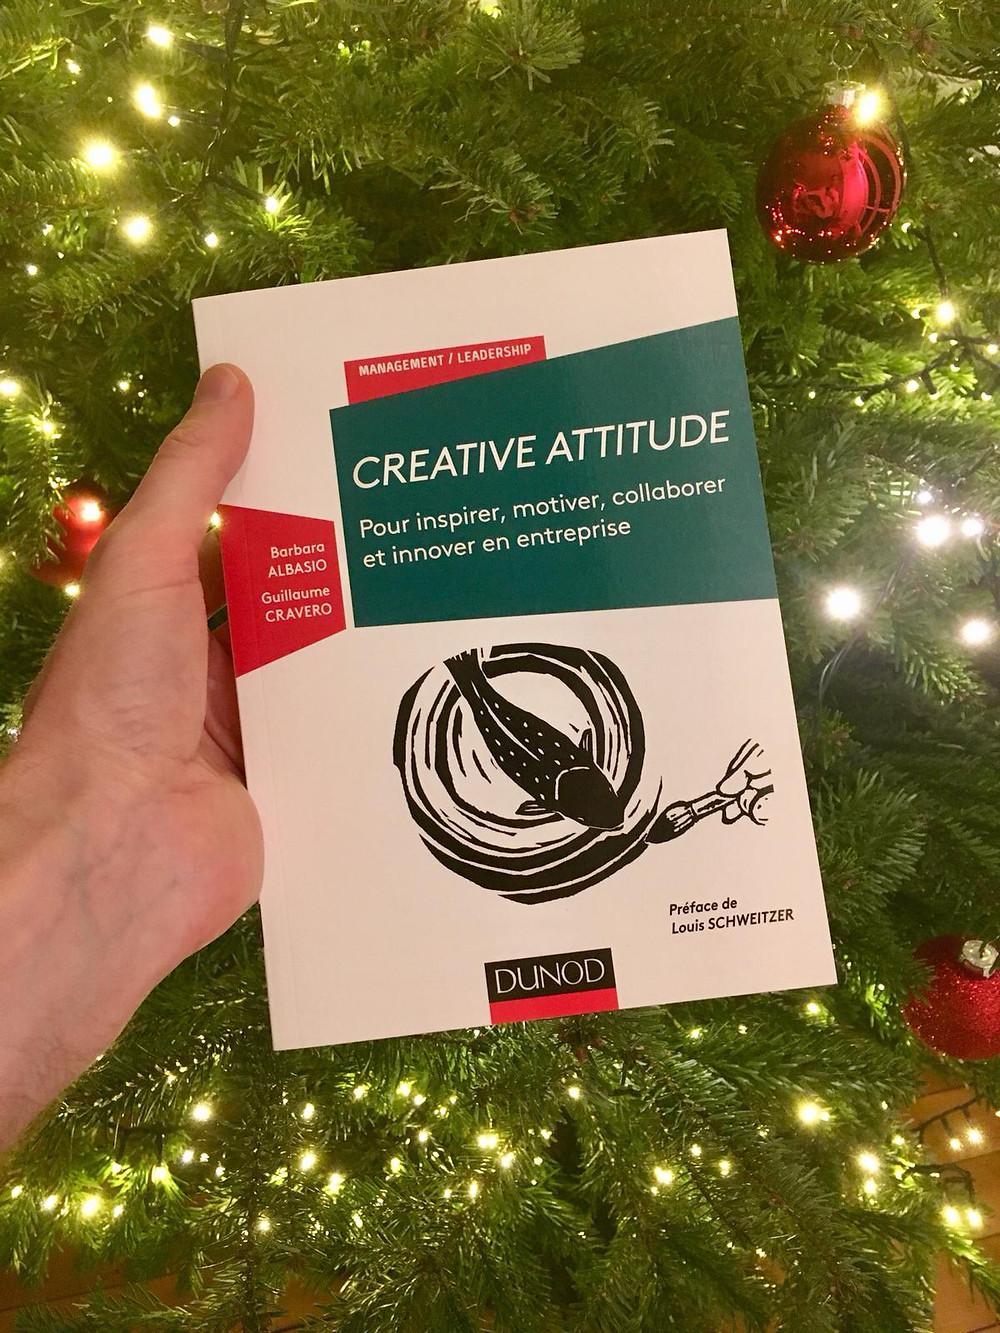 Rendez vous en 2019 pour une année pleine de Créativité et de Surprises